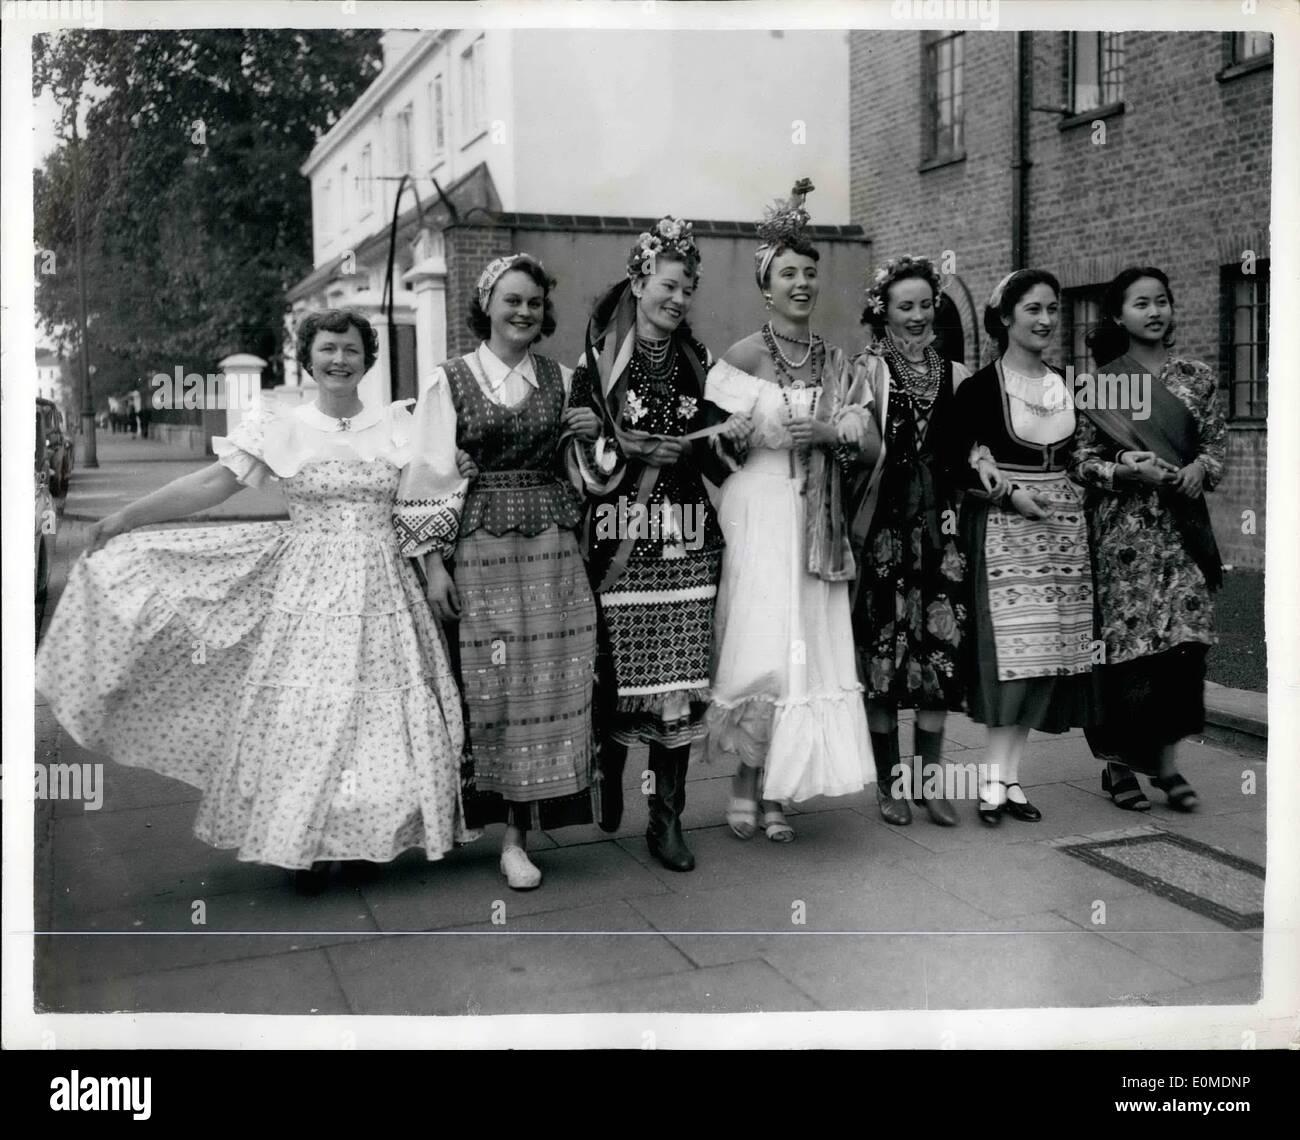 Octubre 18, 1954 - 18-10-54 Festival Internacional de Danza de ensayo. Los competidores llegan a un ensayo general Foto de stock